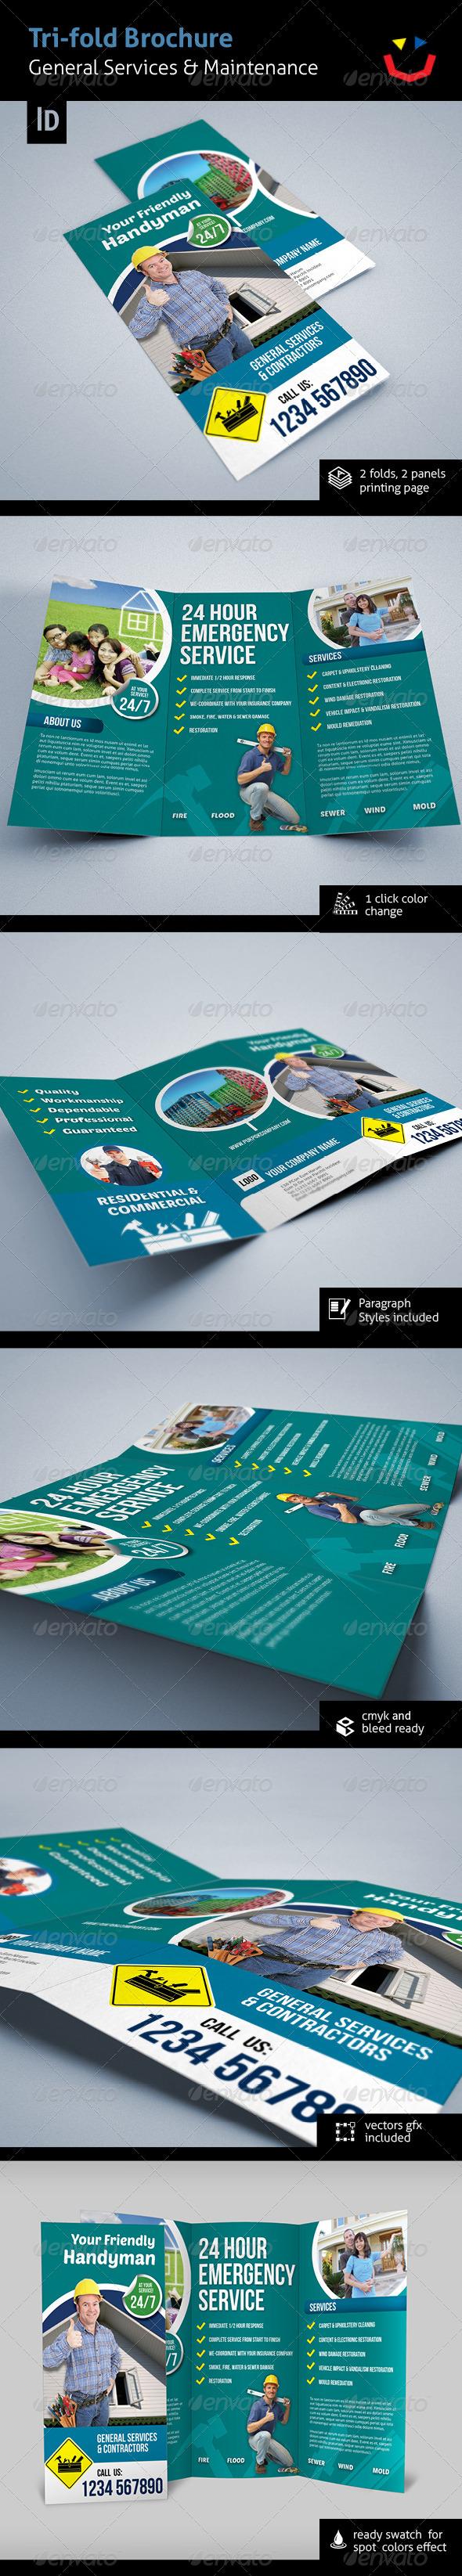 GraphicRiver Tri-fold General Services & Contractors Brochure 4811441